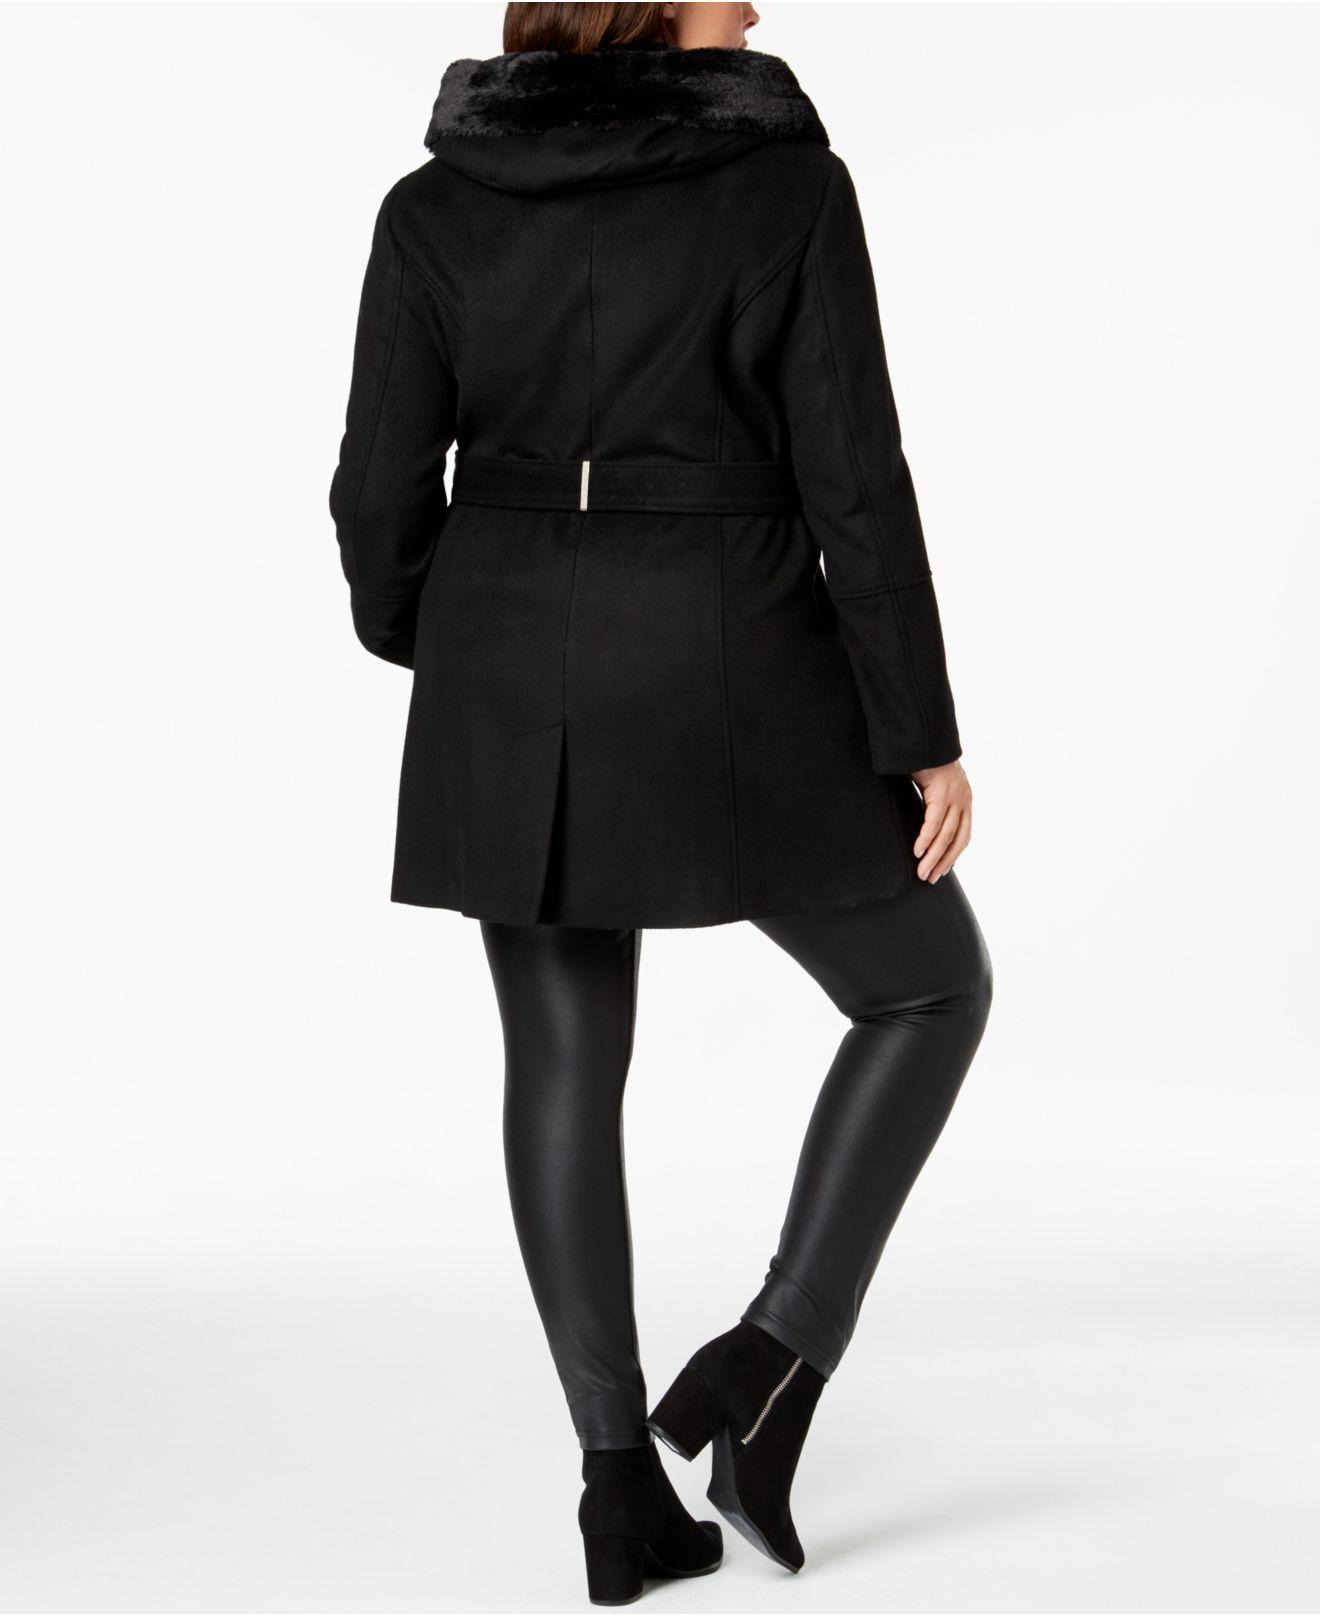 da60ec90c37 Lyst - Calvin Klein Plus Size Faux-fur-trim Belted Coat in Black